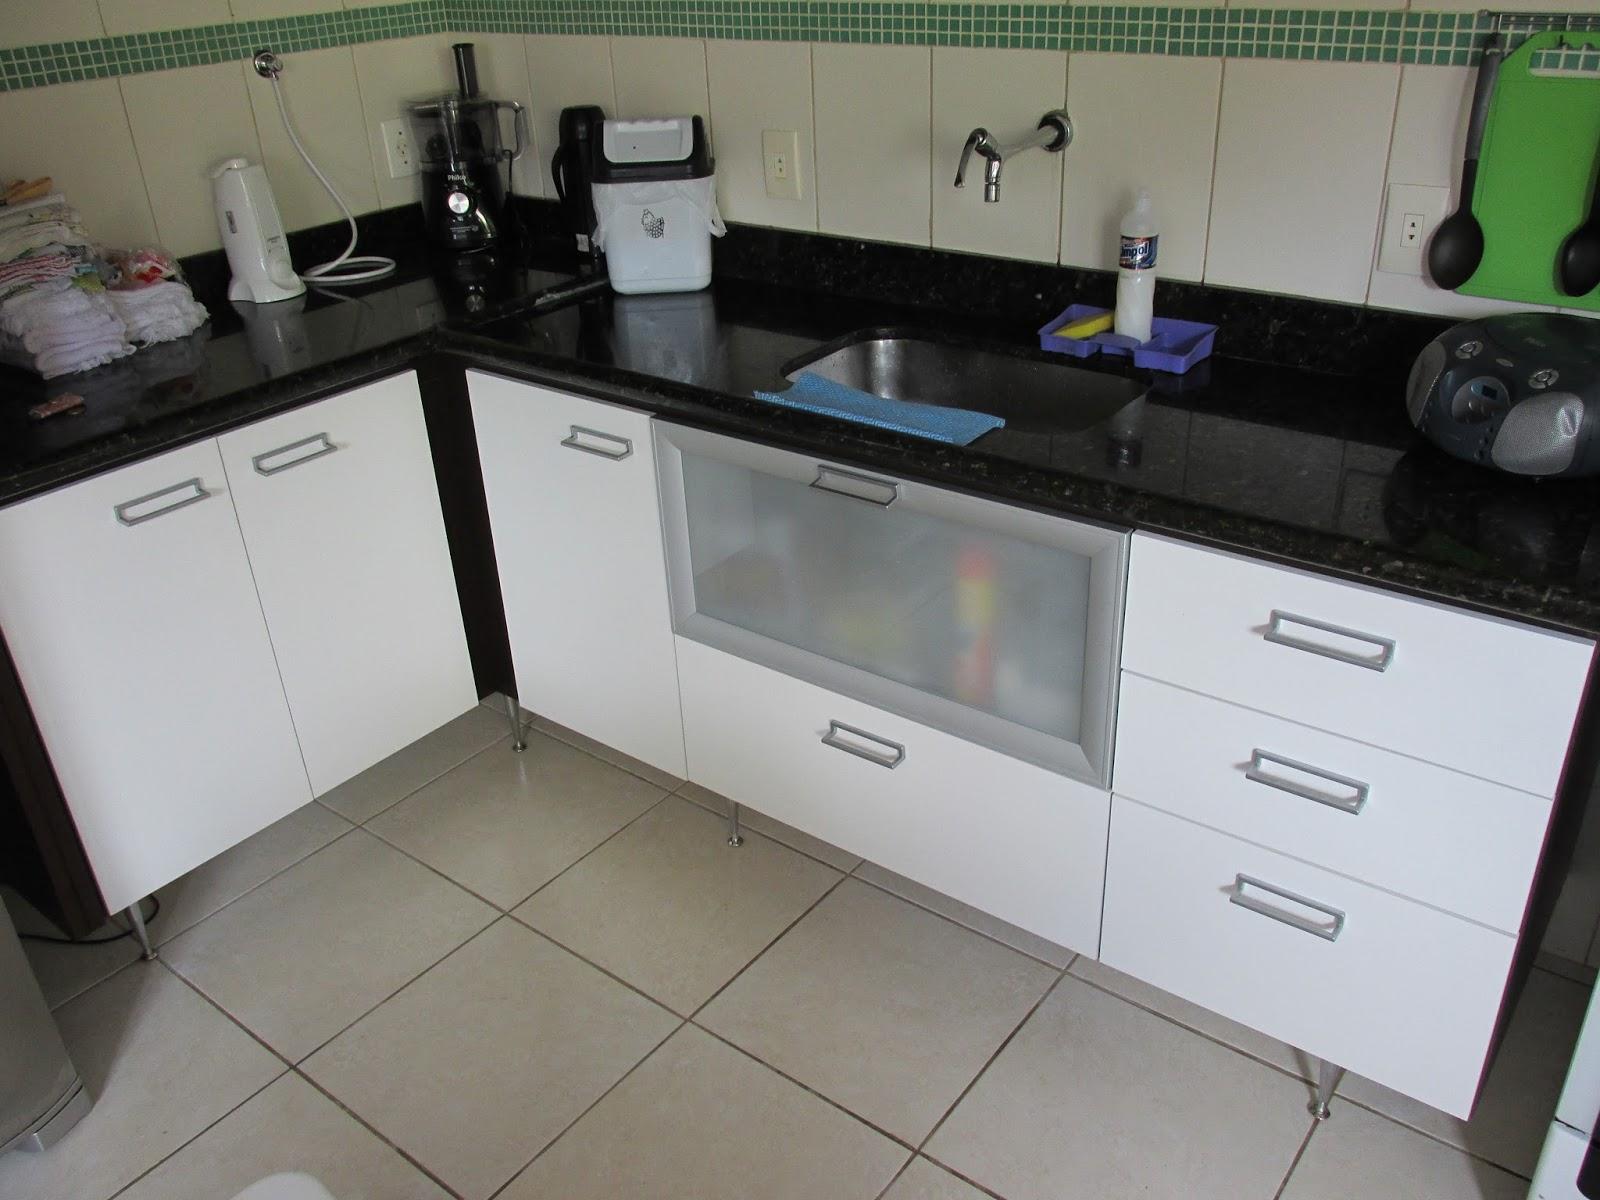 #474355 Armario De Cozinha Aluminio > Vários desenhos sobre idéias de design de cozinha 1600x1200 px Armario De Cozinha Em Aluminio #2973 imagens